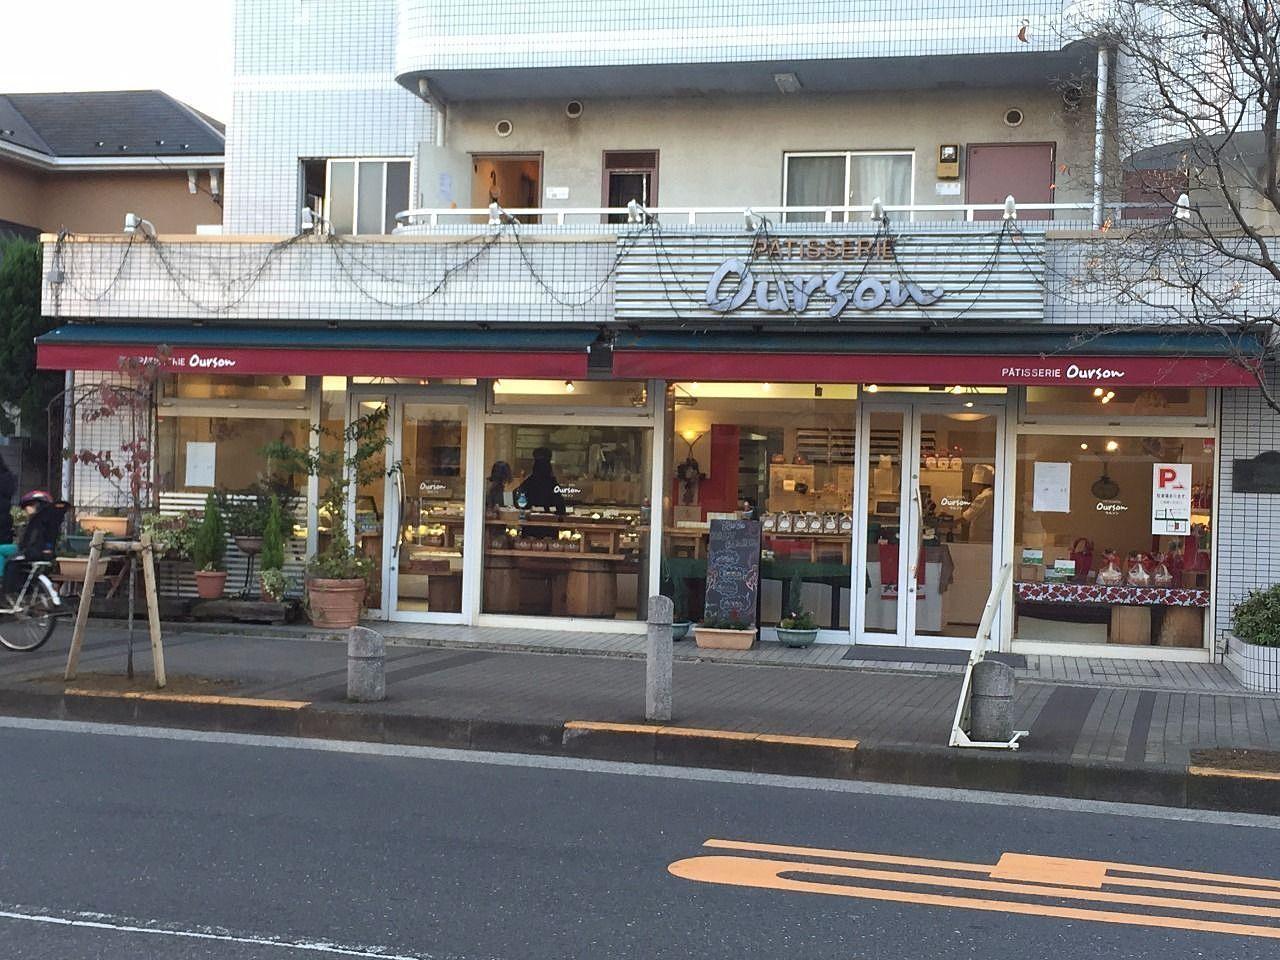 物件から徒歩10分ほどにある洋菓子店。豊富な洋菓子と、自慢の一品であるロールケーキ。非常にオススメです!